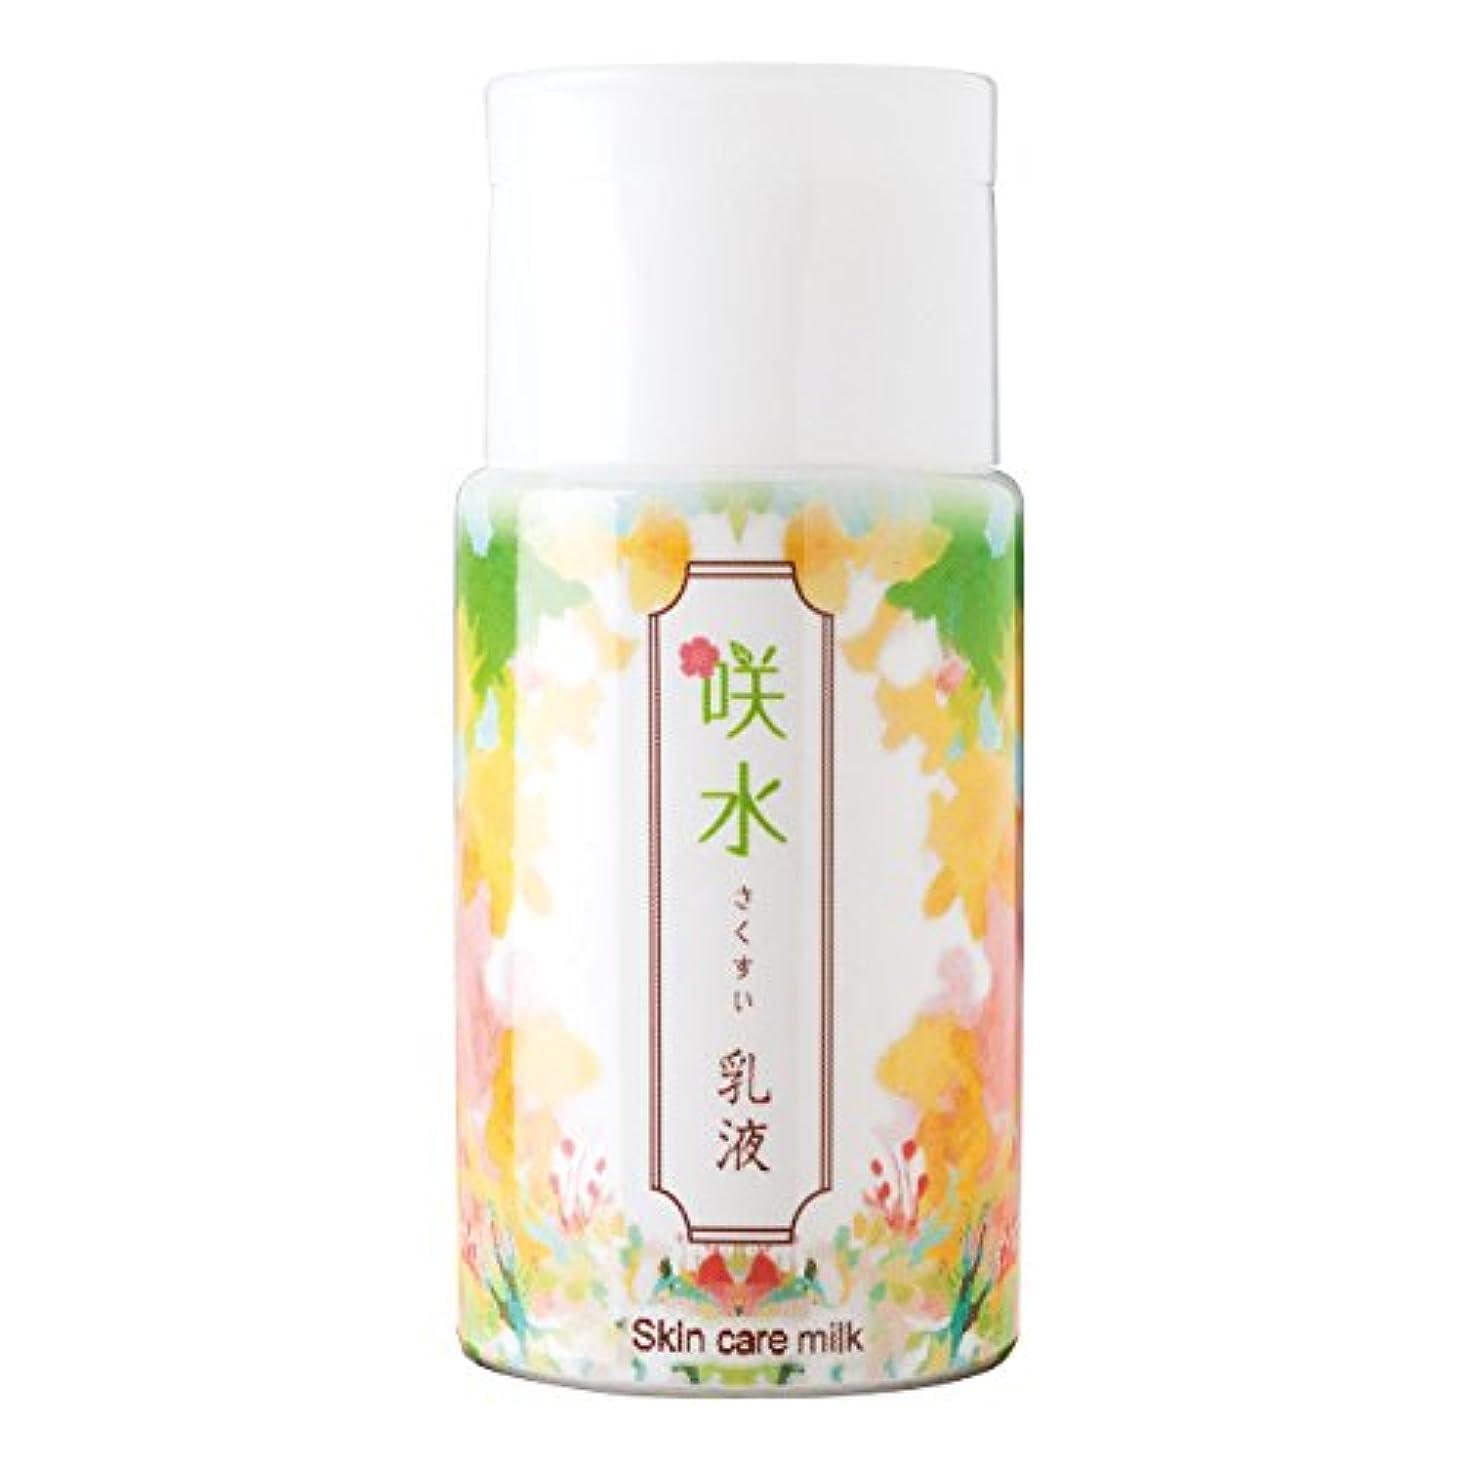 欠陥まろやかな許可咲水 スキンケア乳液 100ml リバテープ製薬 日本製 スイゼンジノリ サクラン 乾燥 肌 顔 フェイス